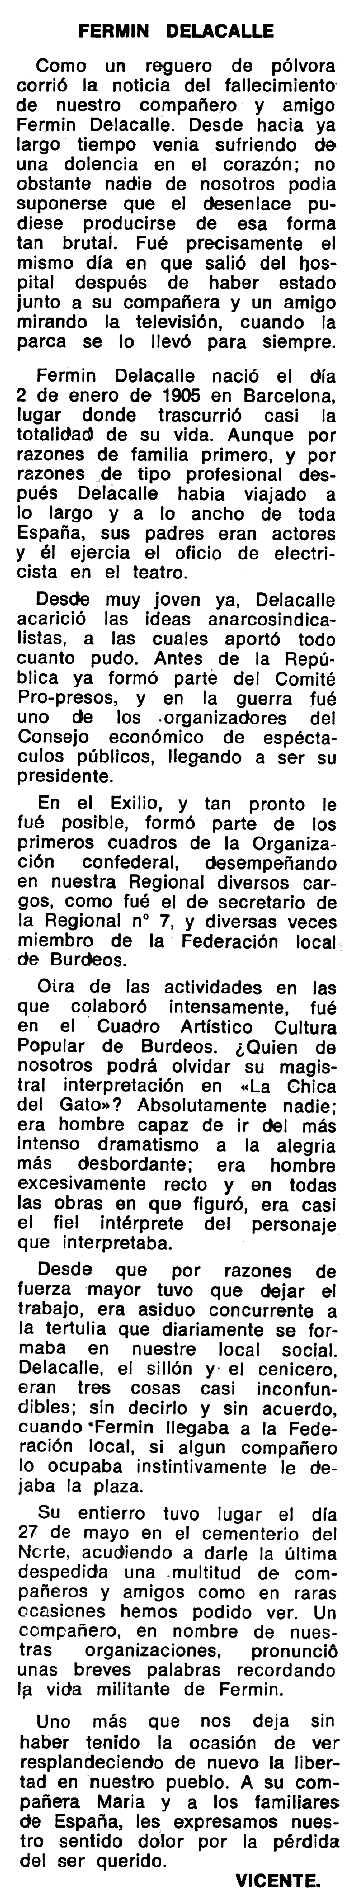 """Necrològica de Fermín de la Calle Zuera apareguda en el periòdic tolosà """"Espoir"""" del 3 de desembre de 1972"""